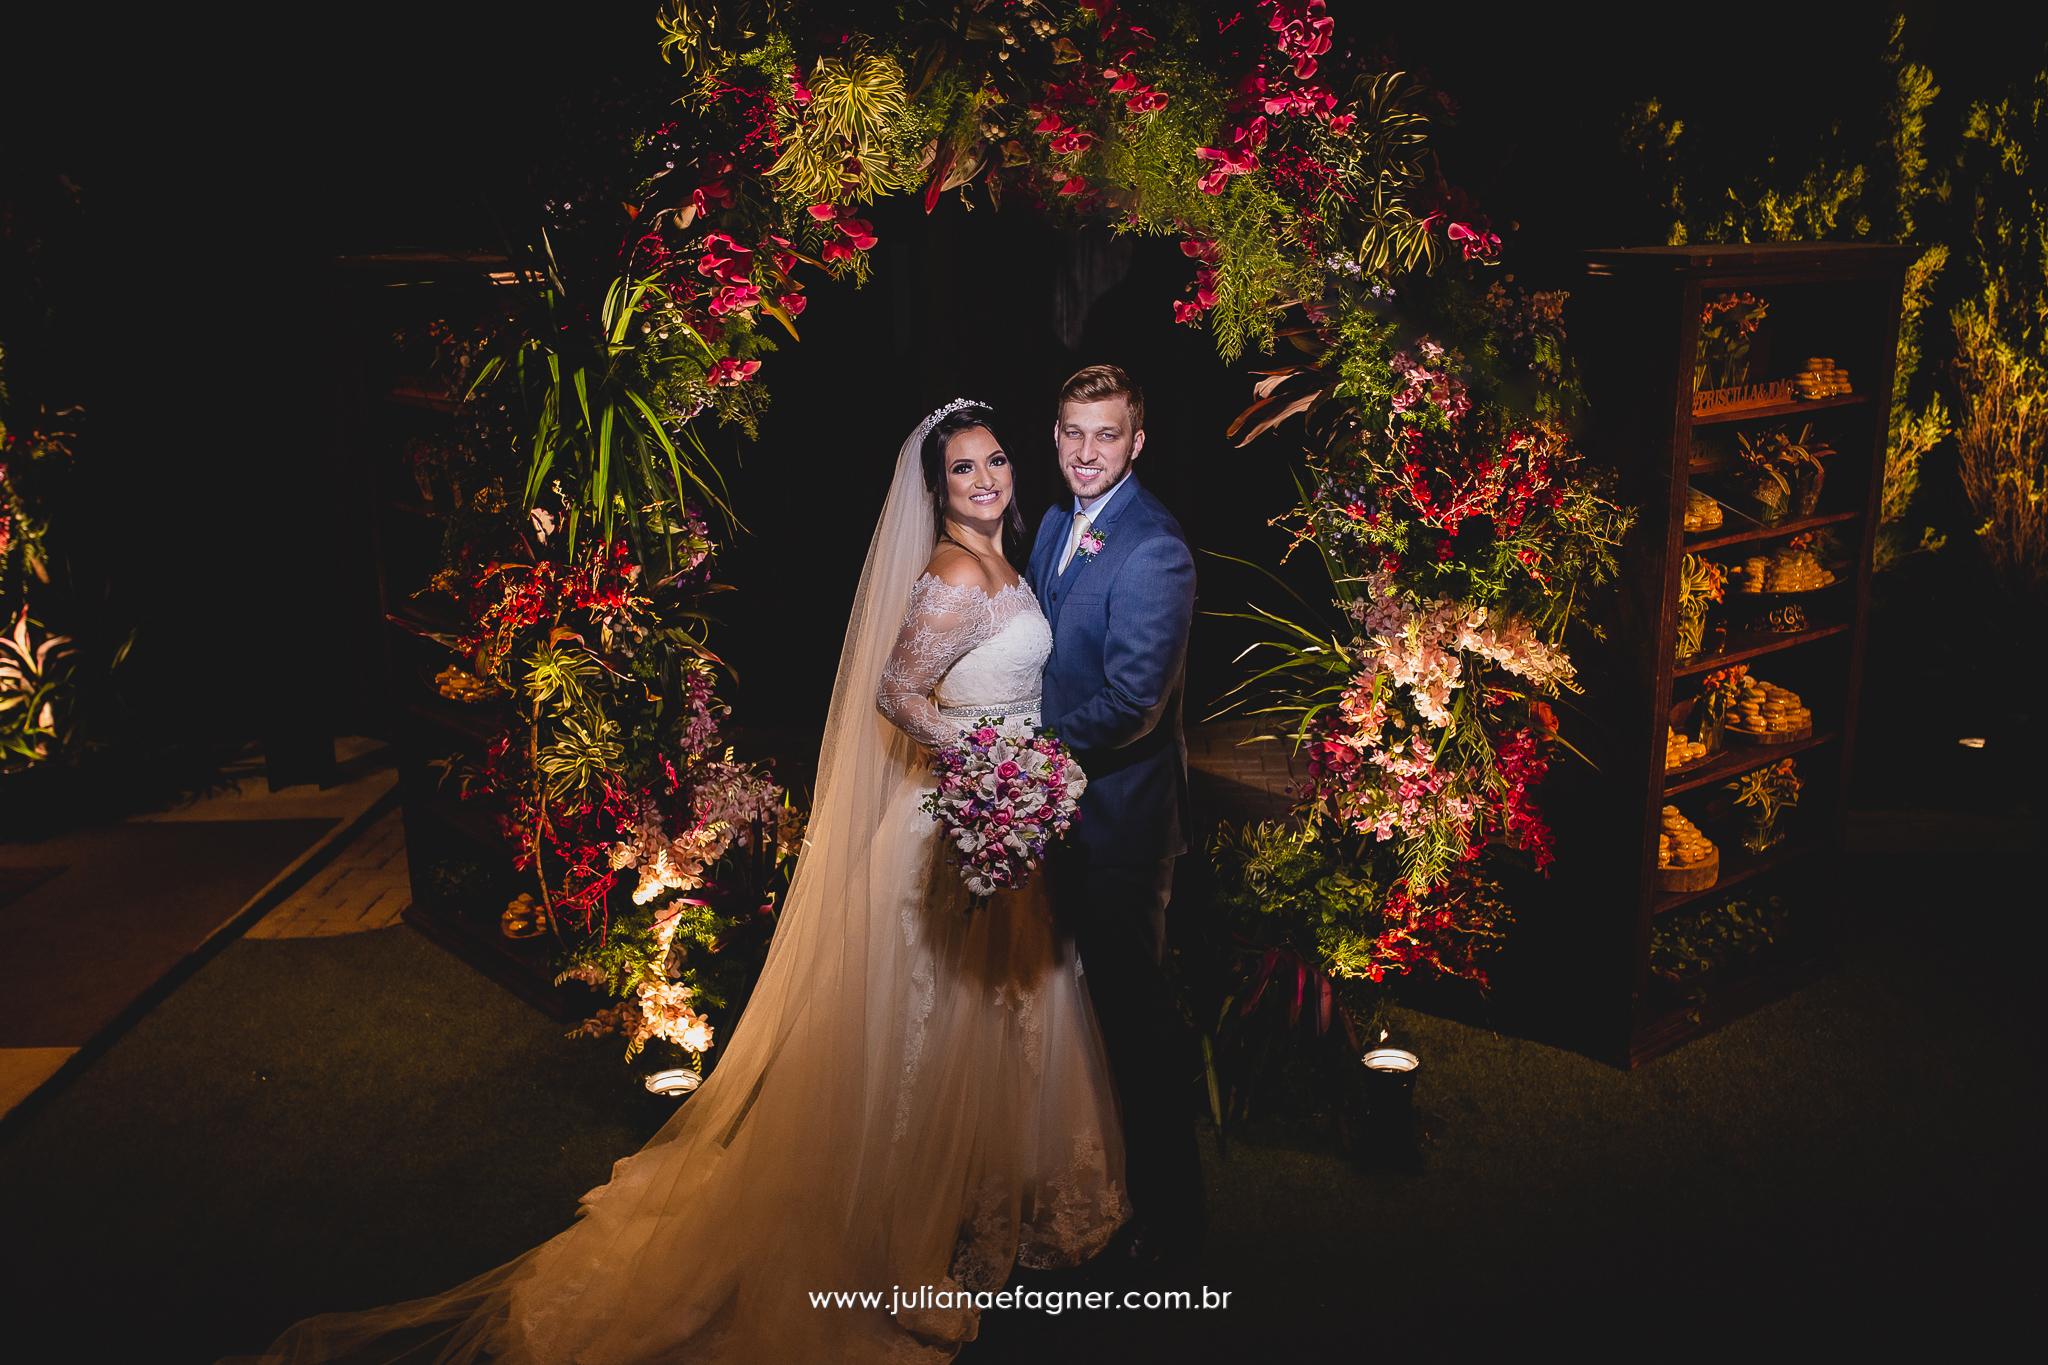 Casamento Romântico: Priscilla e João Vitor